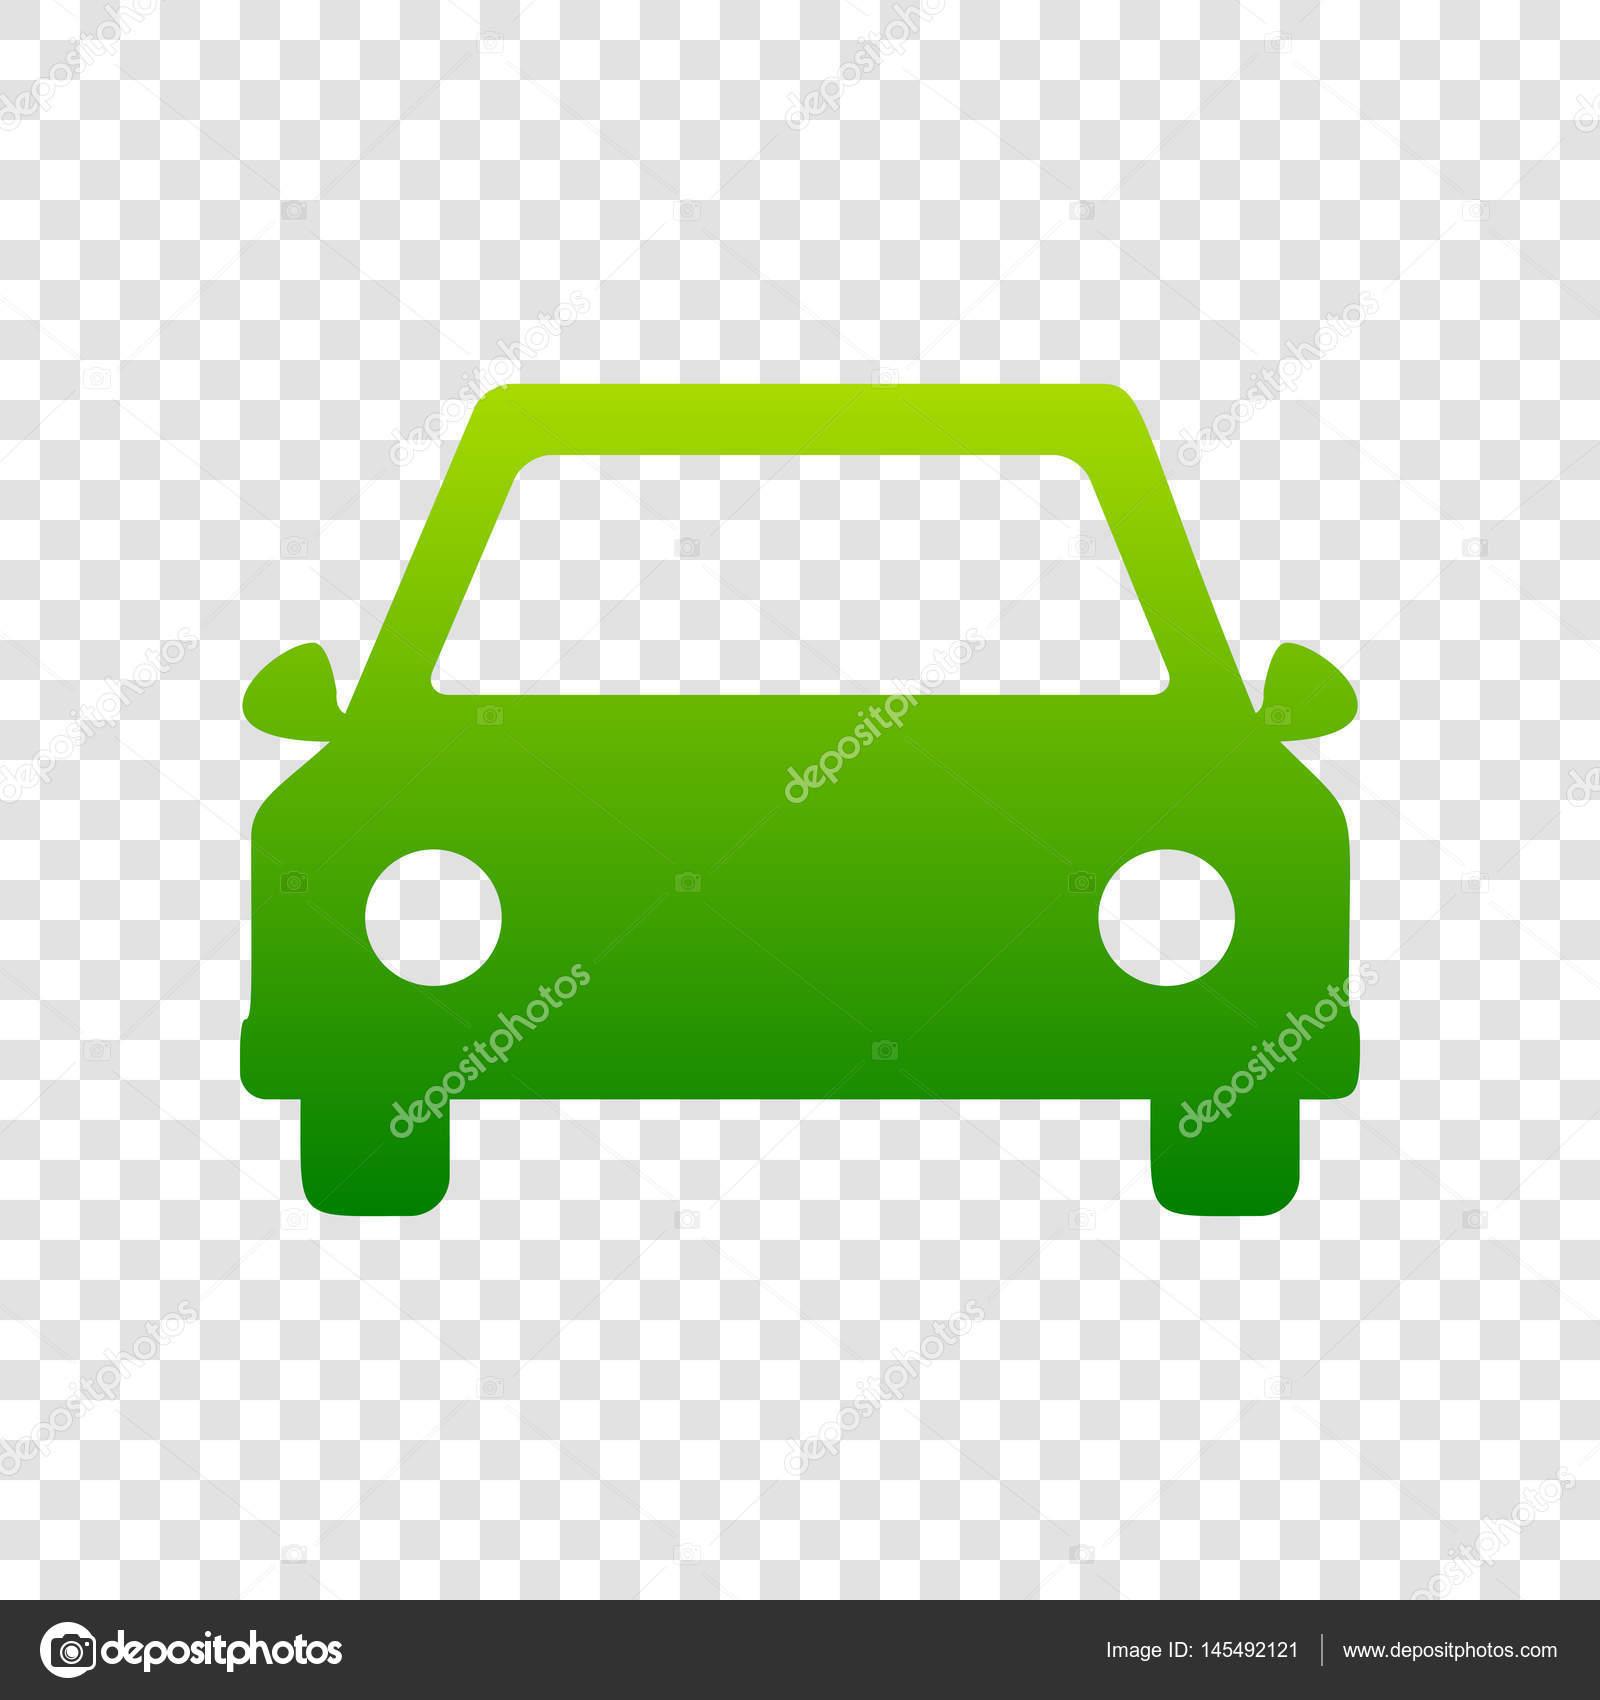 Ilustración de signo de coche. Vector. Icono verde degradado de ...